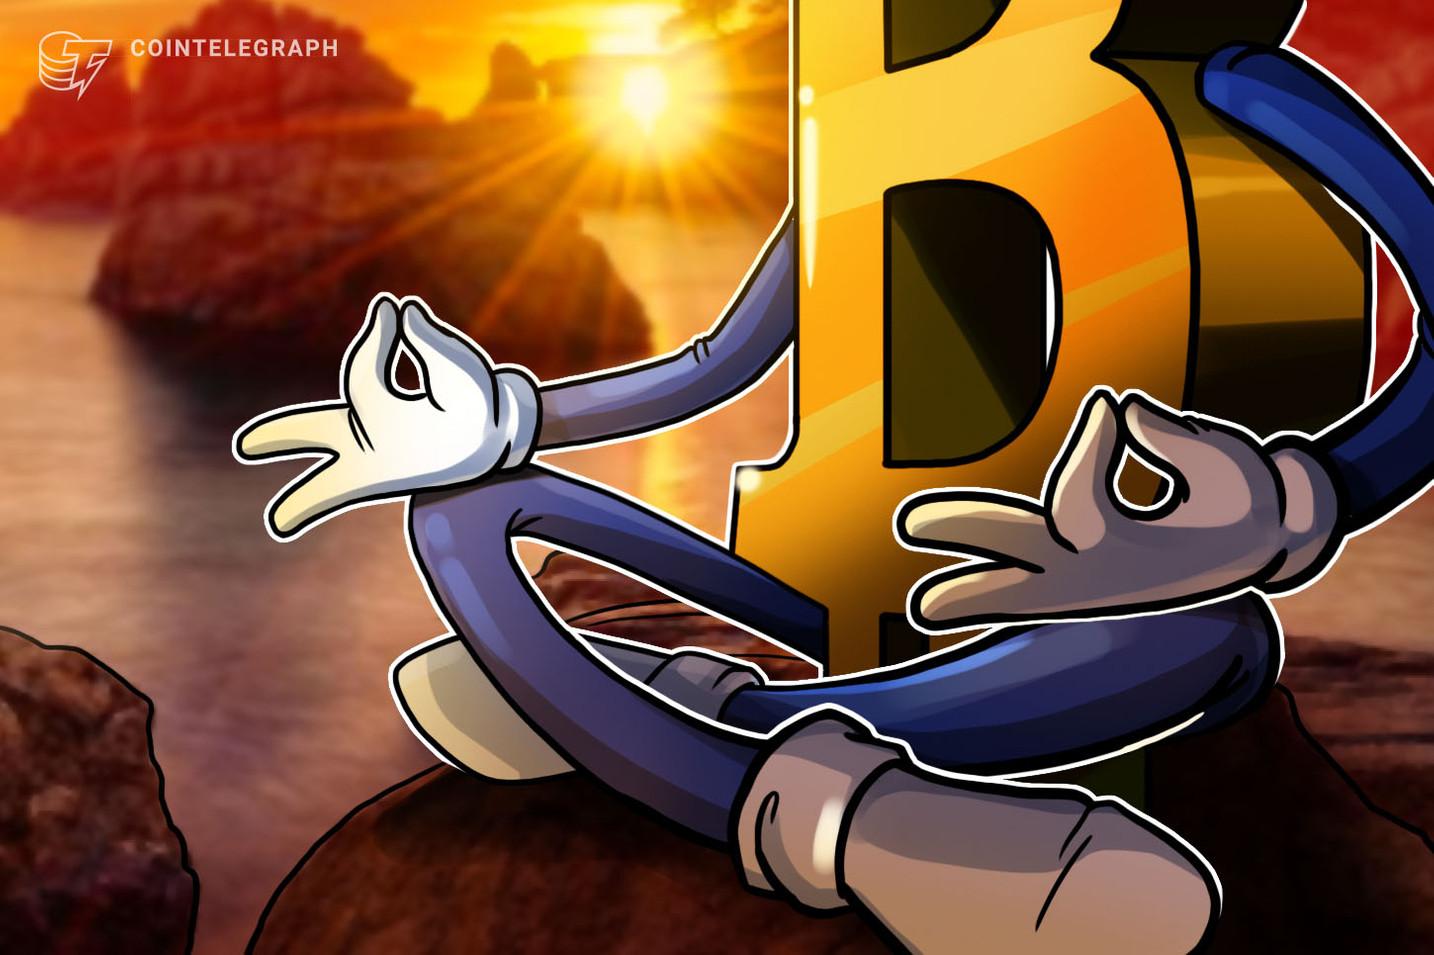 """El día D del precio de Bitcoin comienza """"en cualquier momento"""", afirma un trader, ya que BTC recupera un nivel clave"""